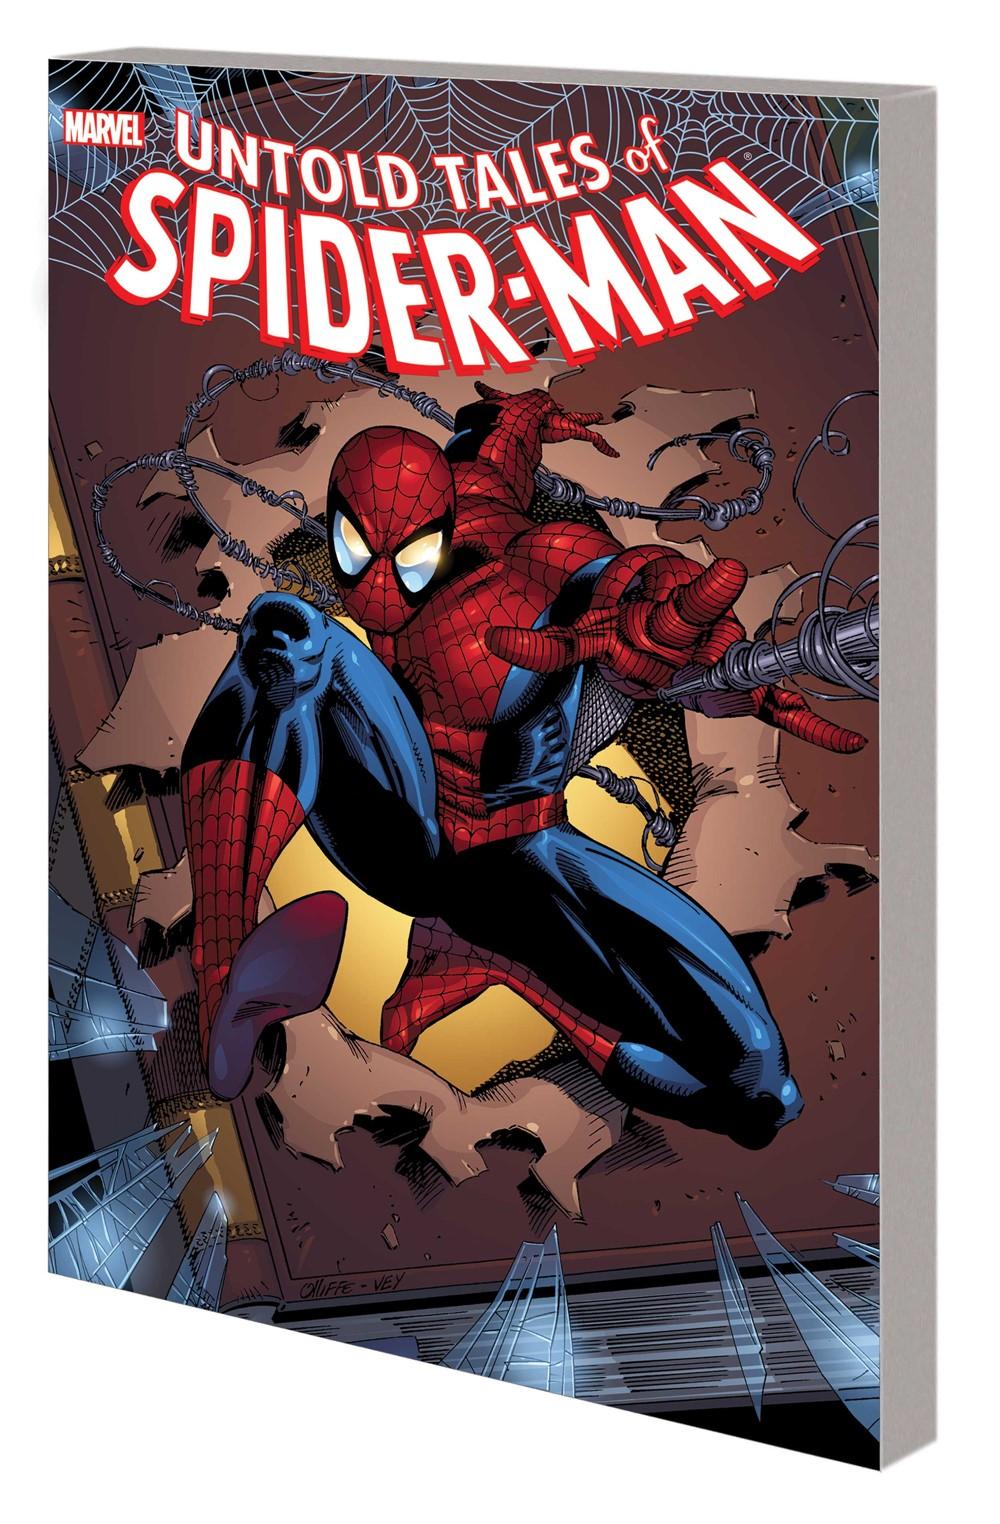 UTOLD_TALES_SM_V1_TPB Marvel Comics September 2021 Solicitations